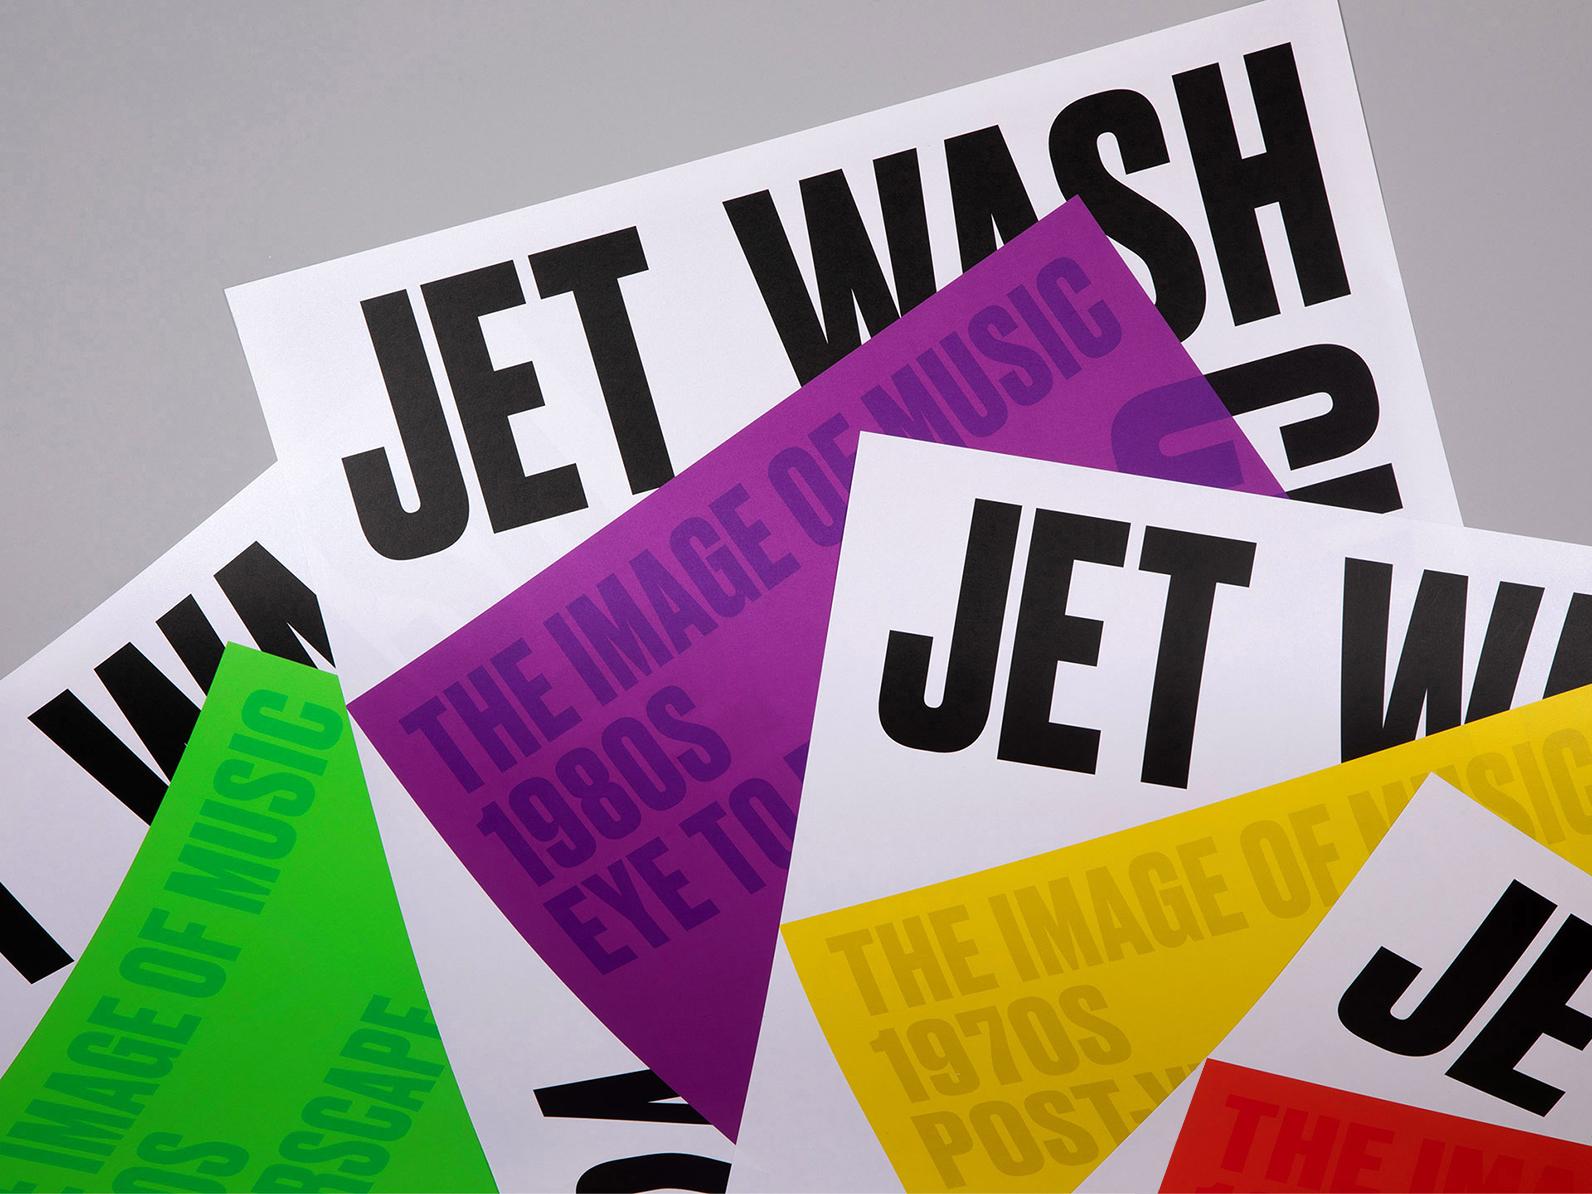 04_Jetwash